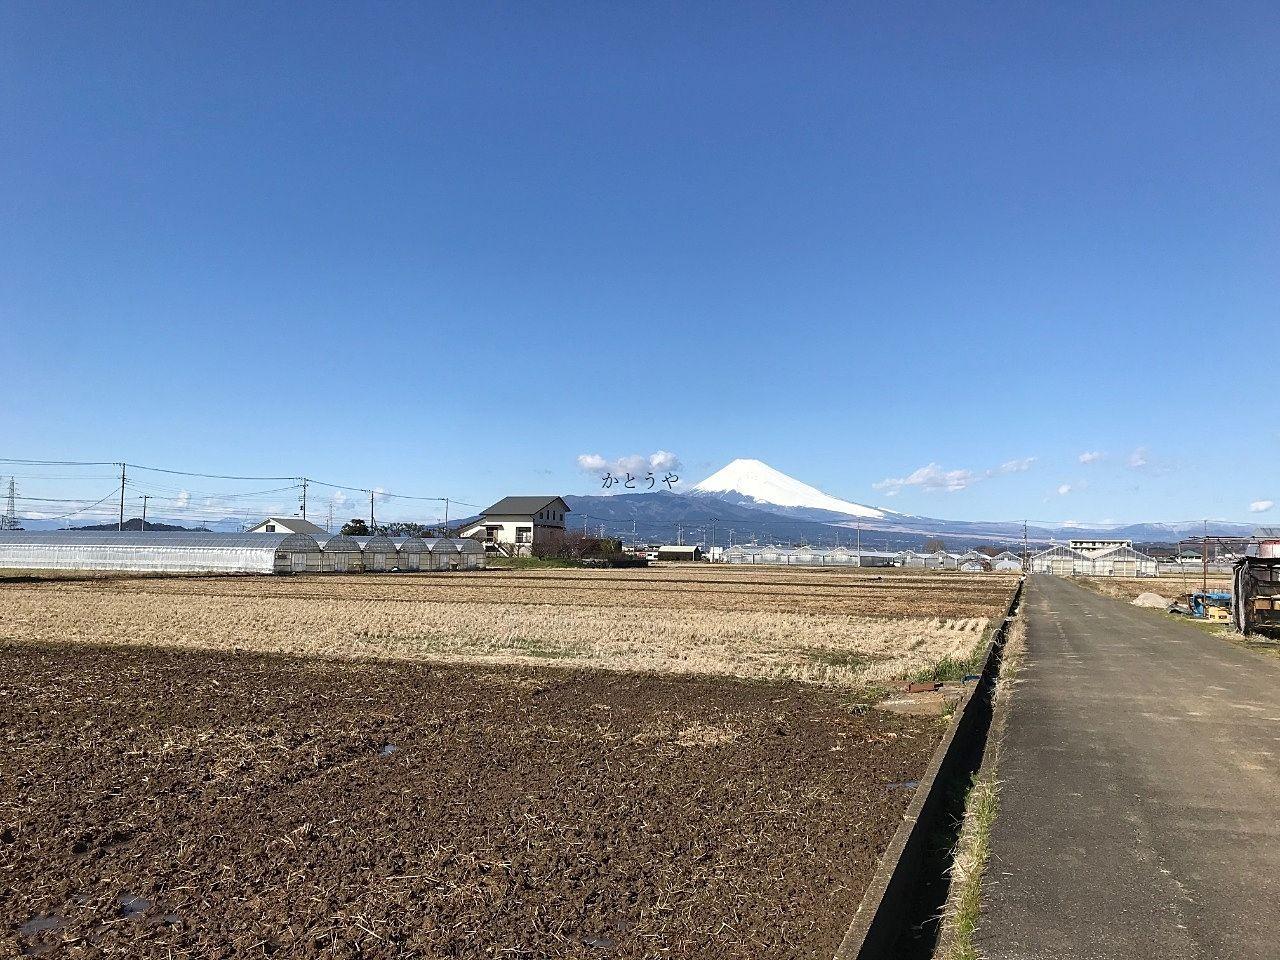 いちご狩りスポットの秋田農園さんからは綺麗に富士山が見えます。